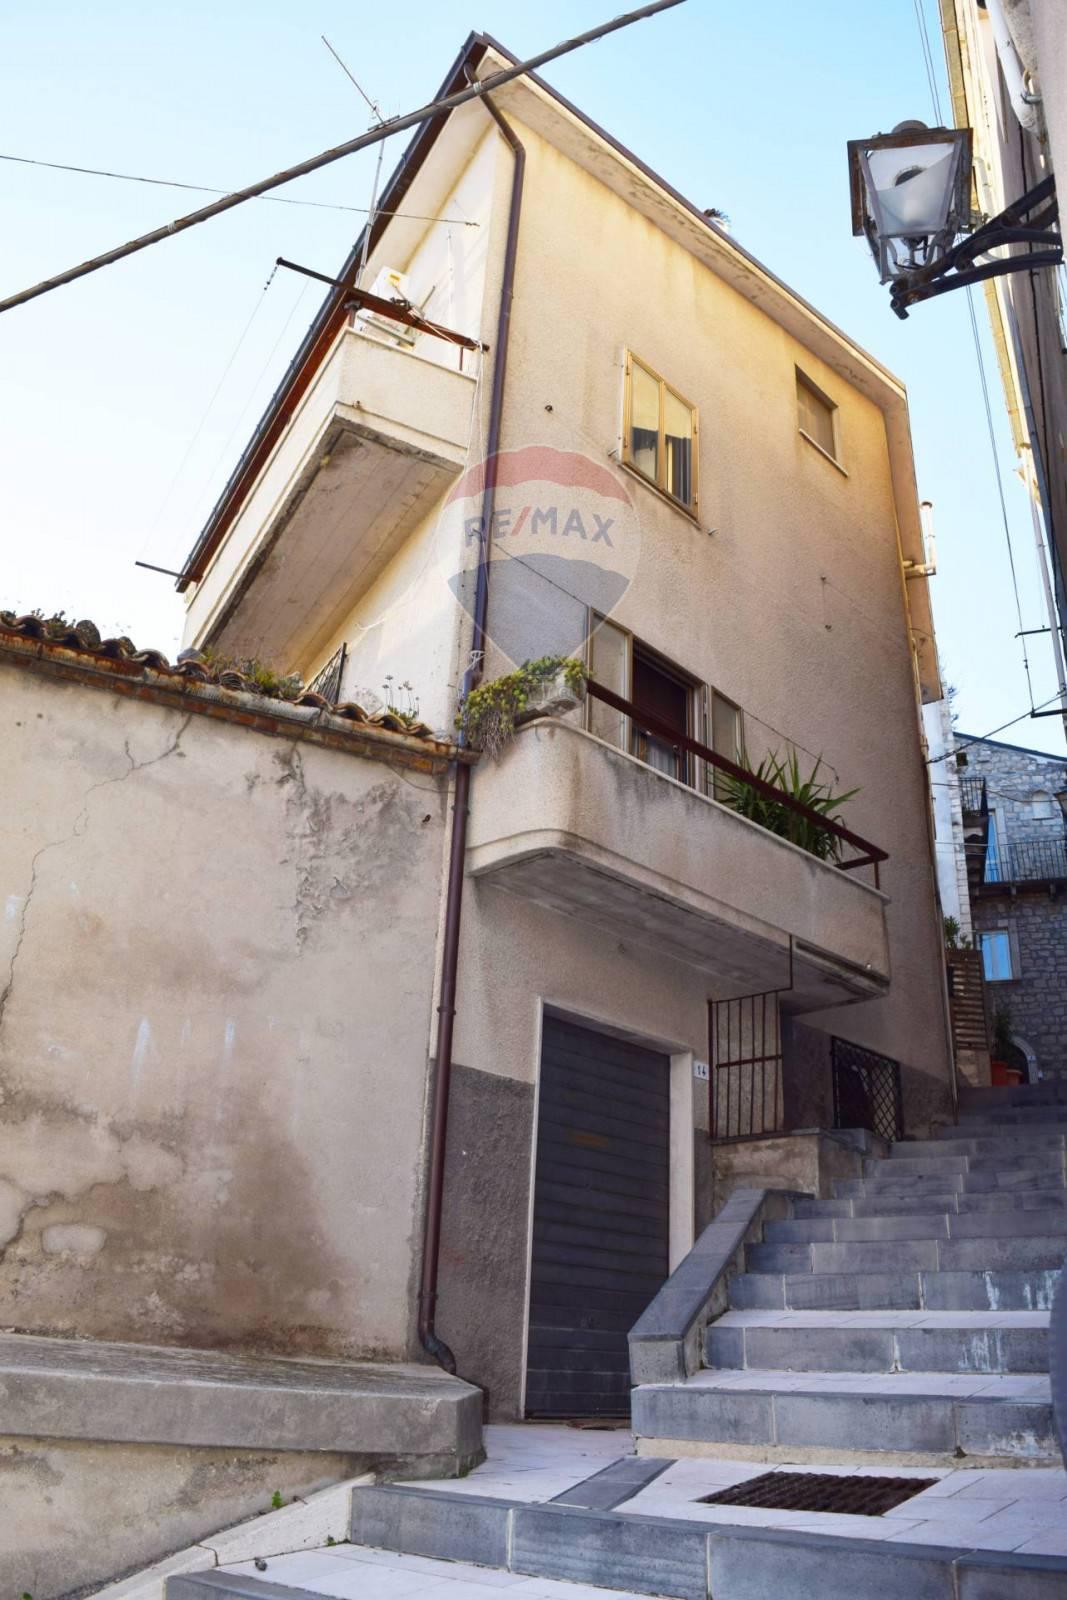 Soluzione Indipendente in vendita a Casalanguida, 7 locali, prezzo € 65.000   CambioCasa.it